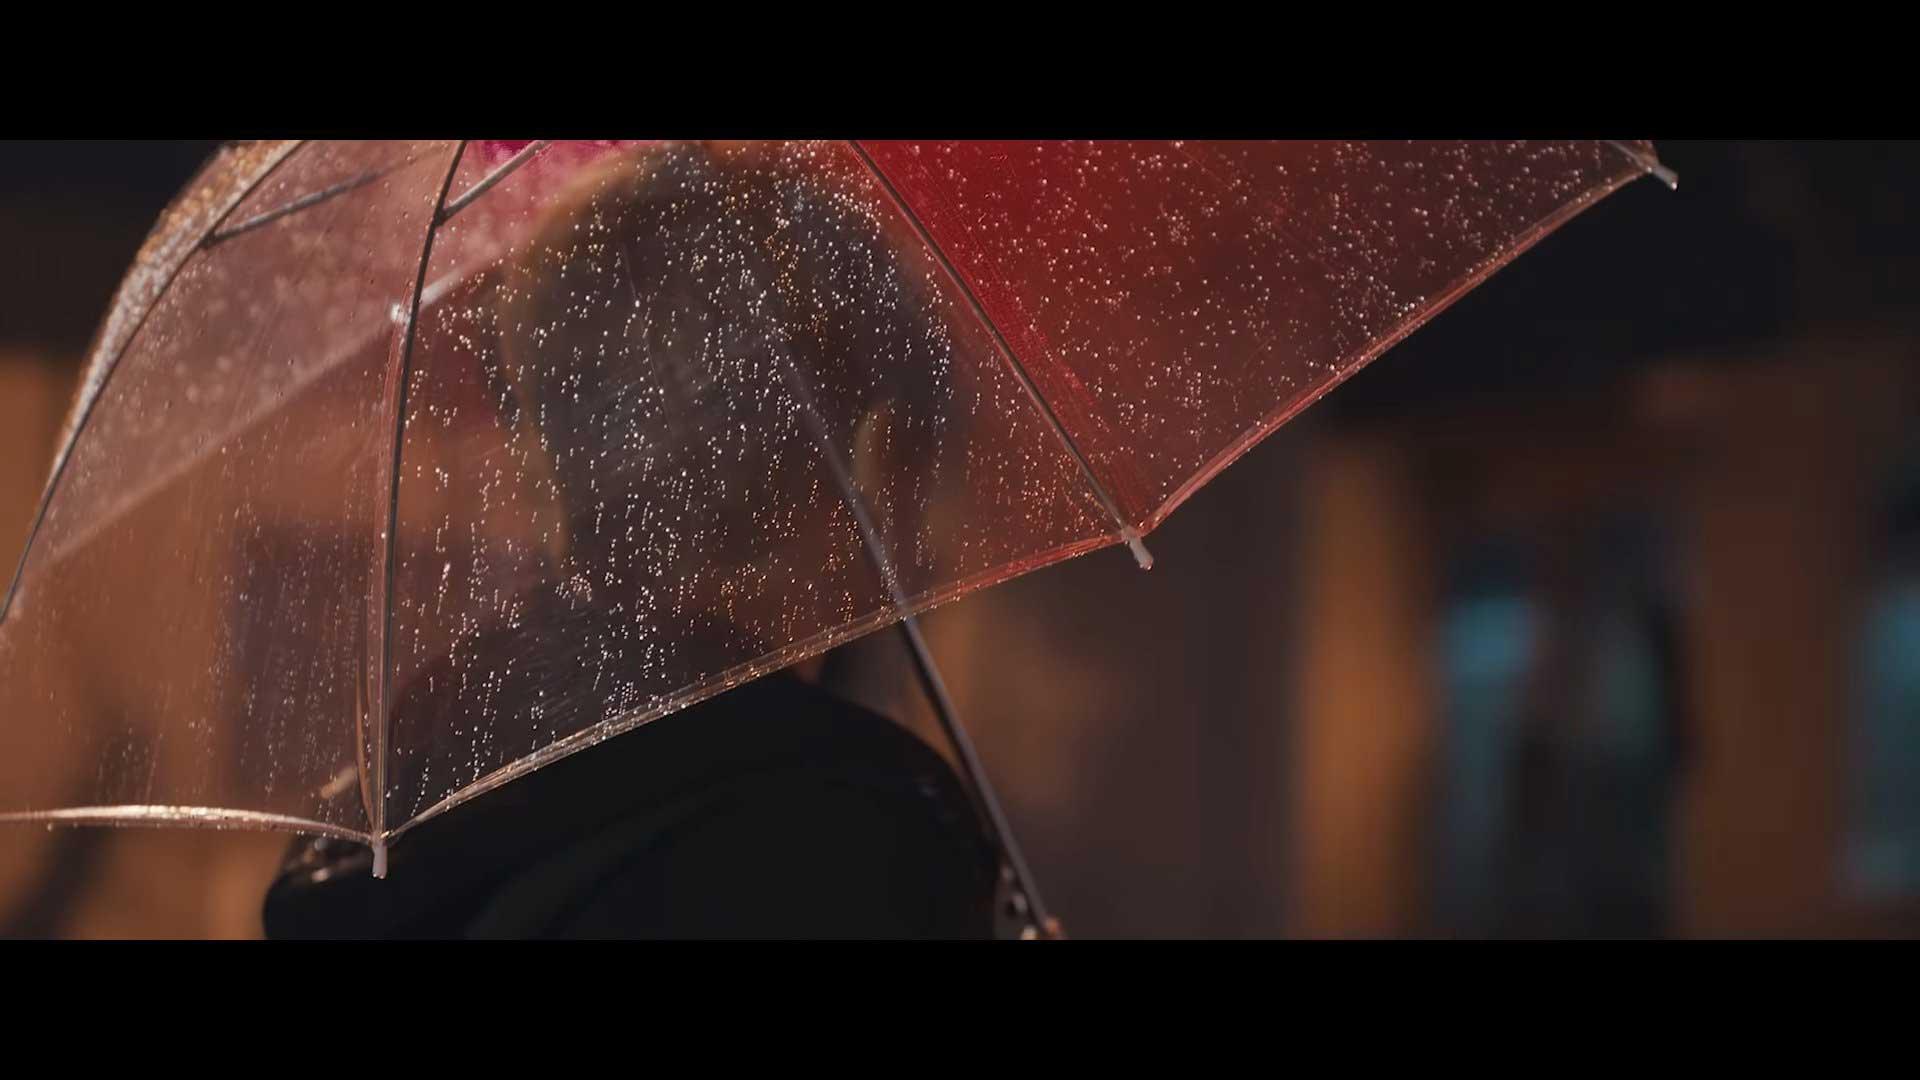 Вышел первый видео-тизер дебюта группы Newkidd